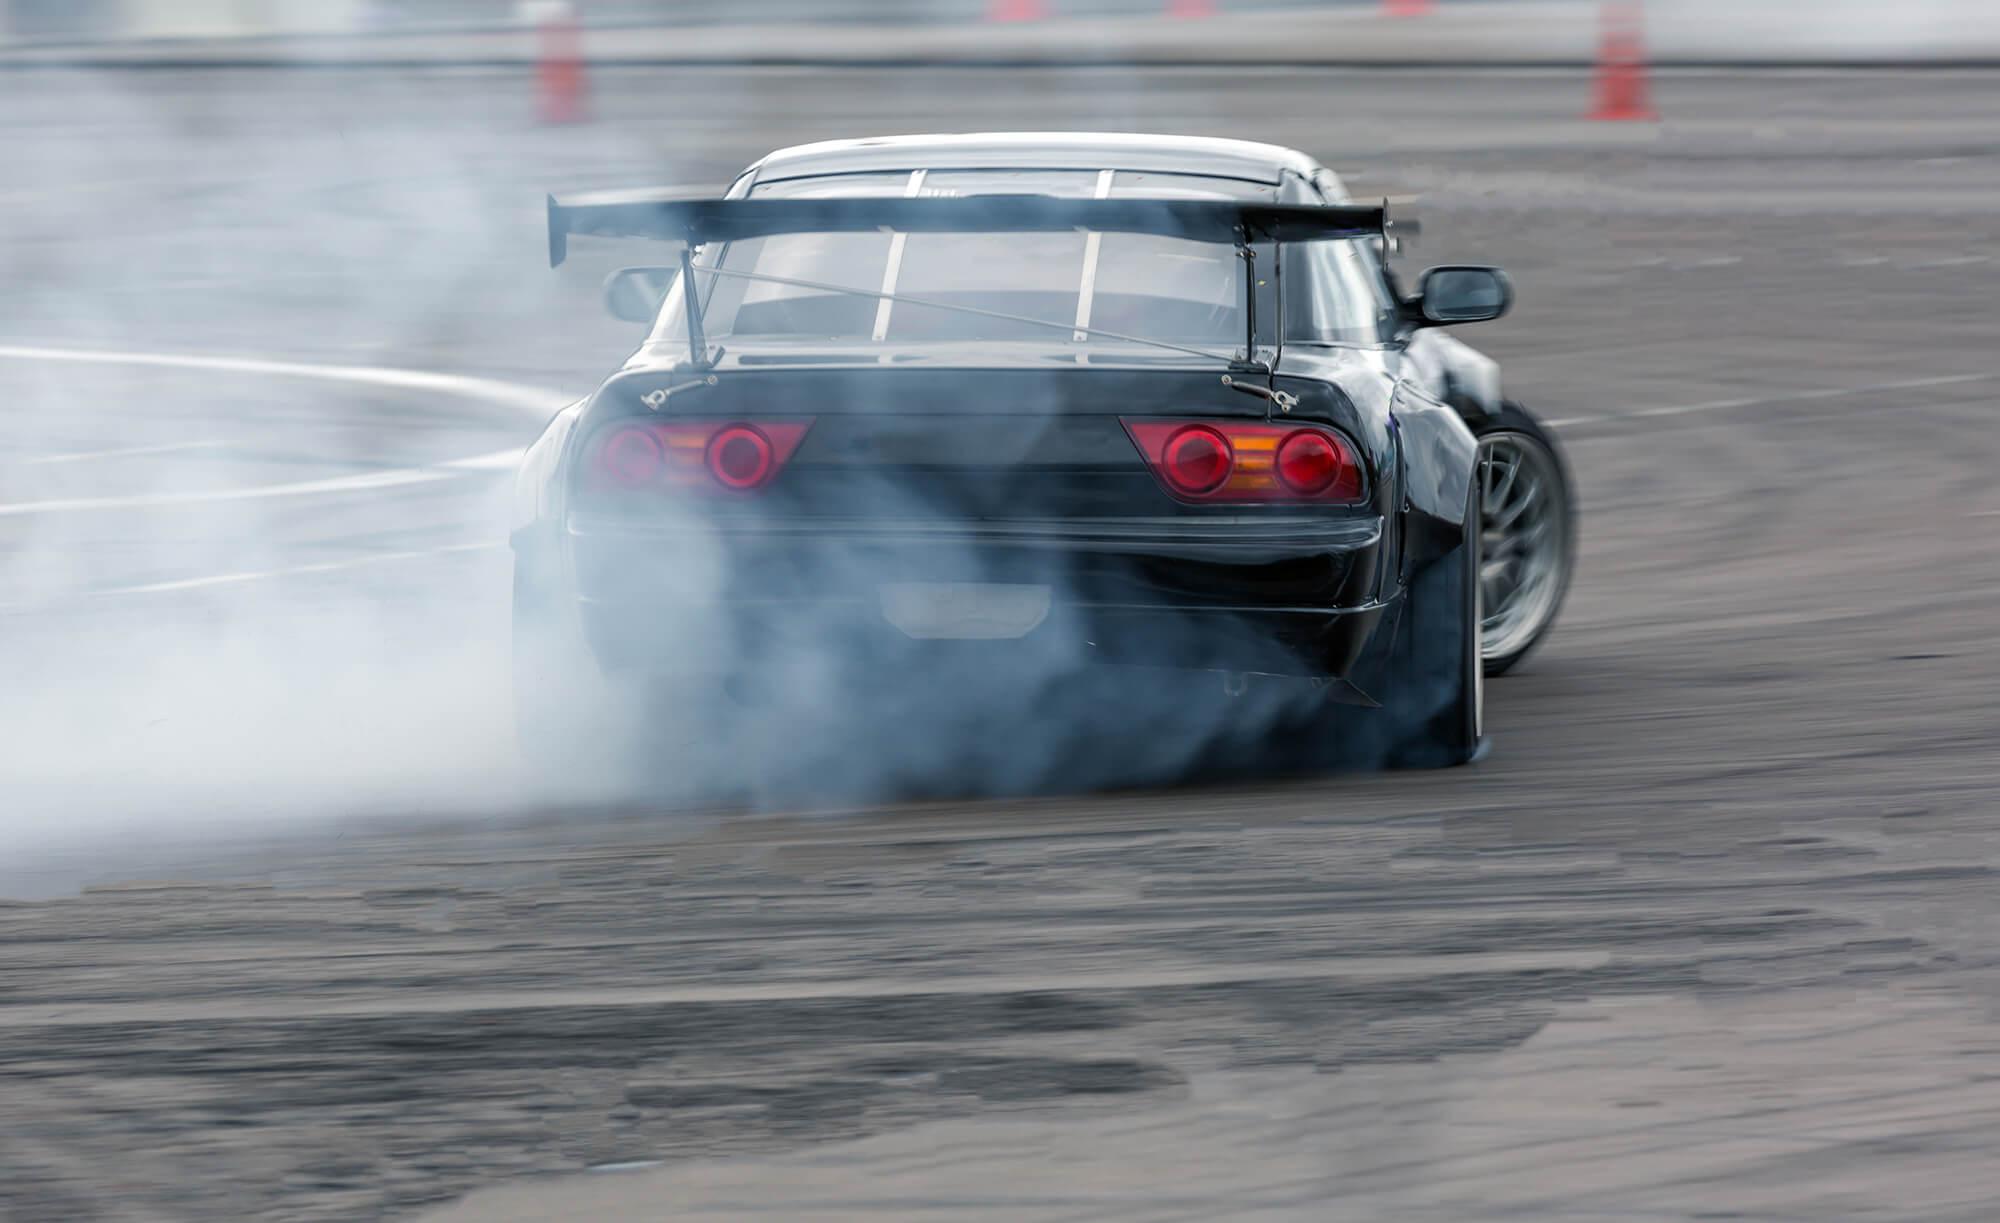 Varaa moottoriurheilukeskus tapahtumalle